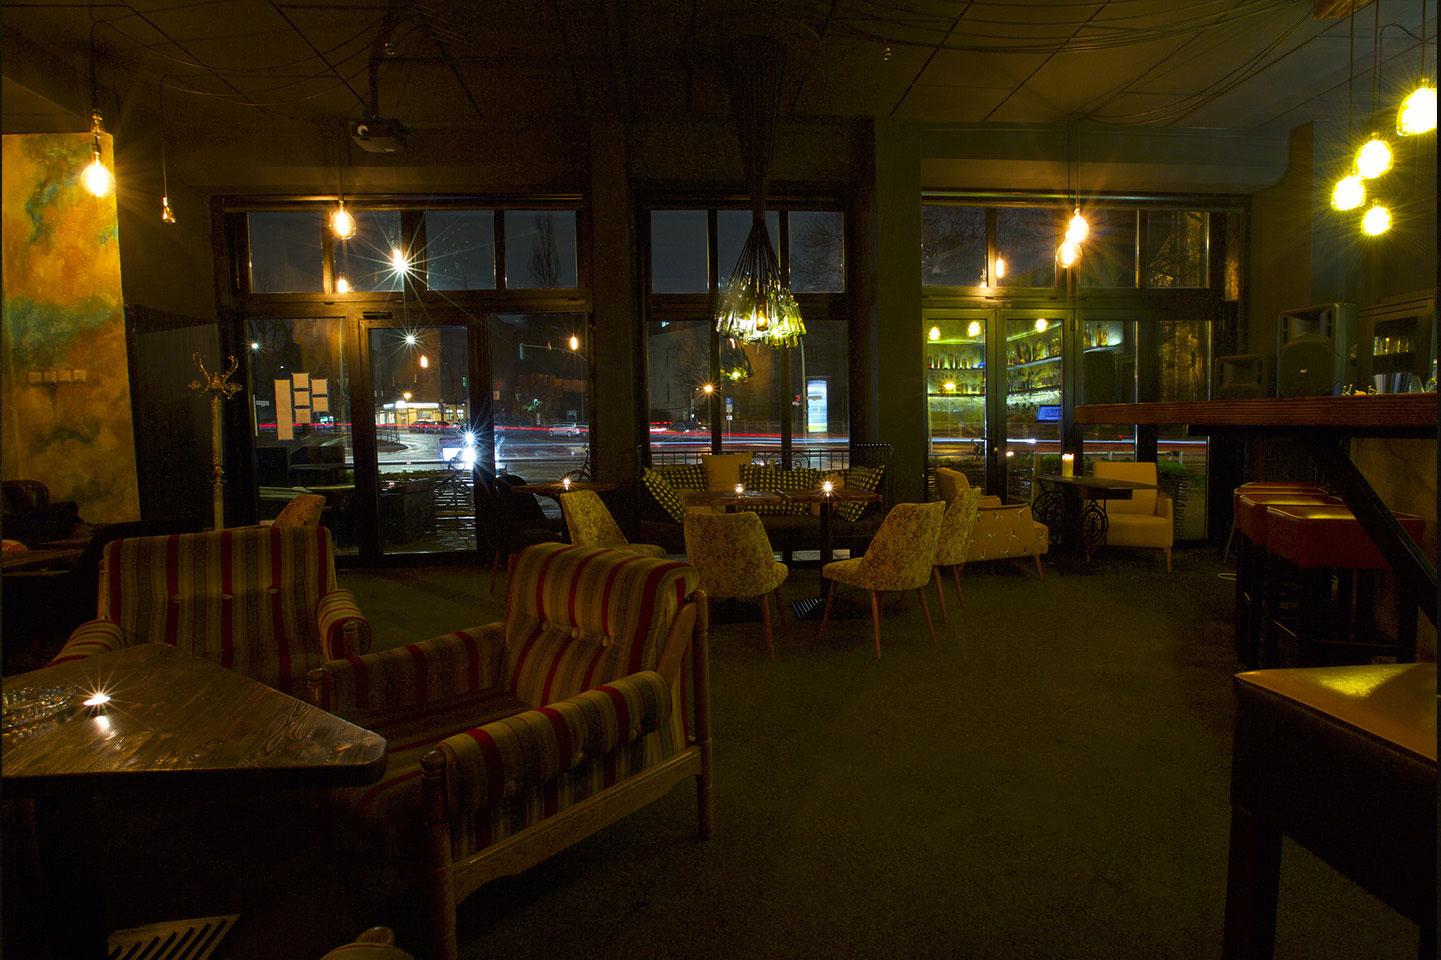 shisha-bar-in-der-nähe